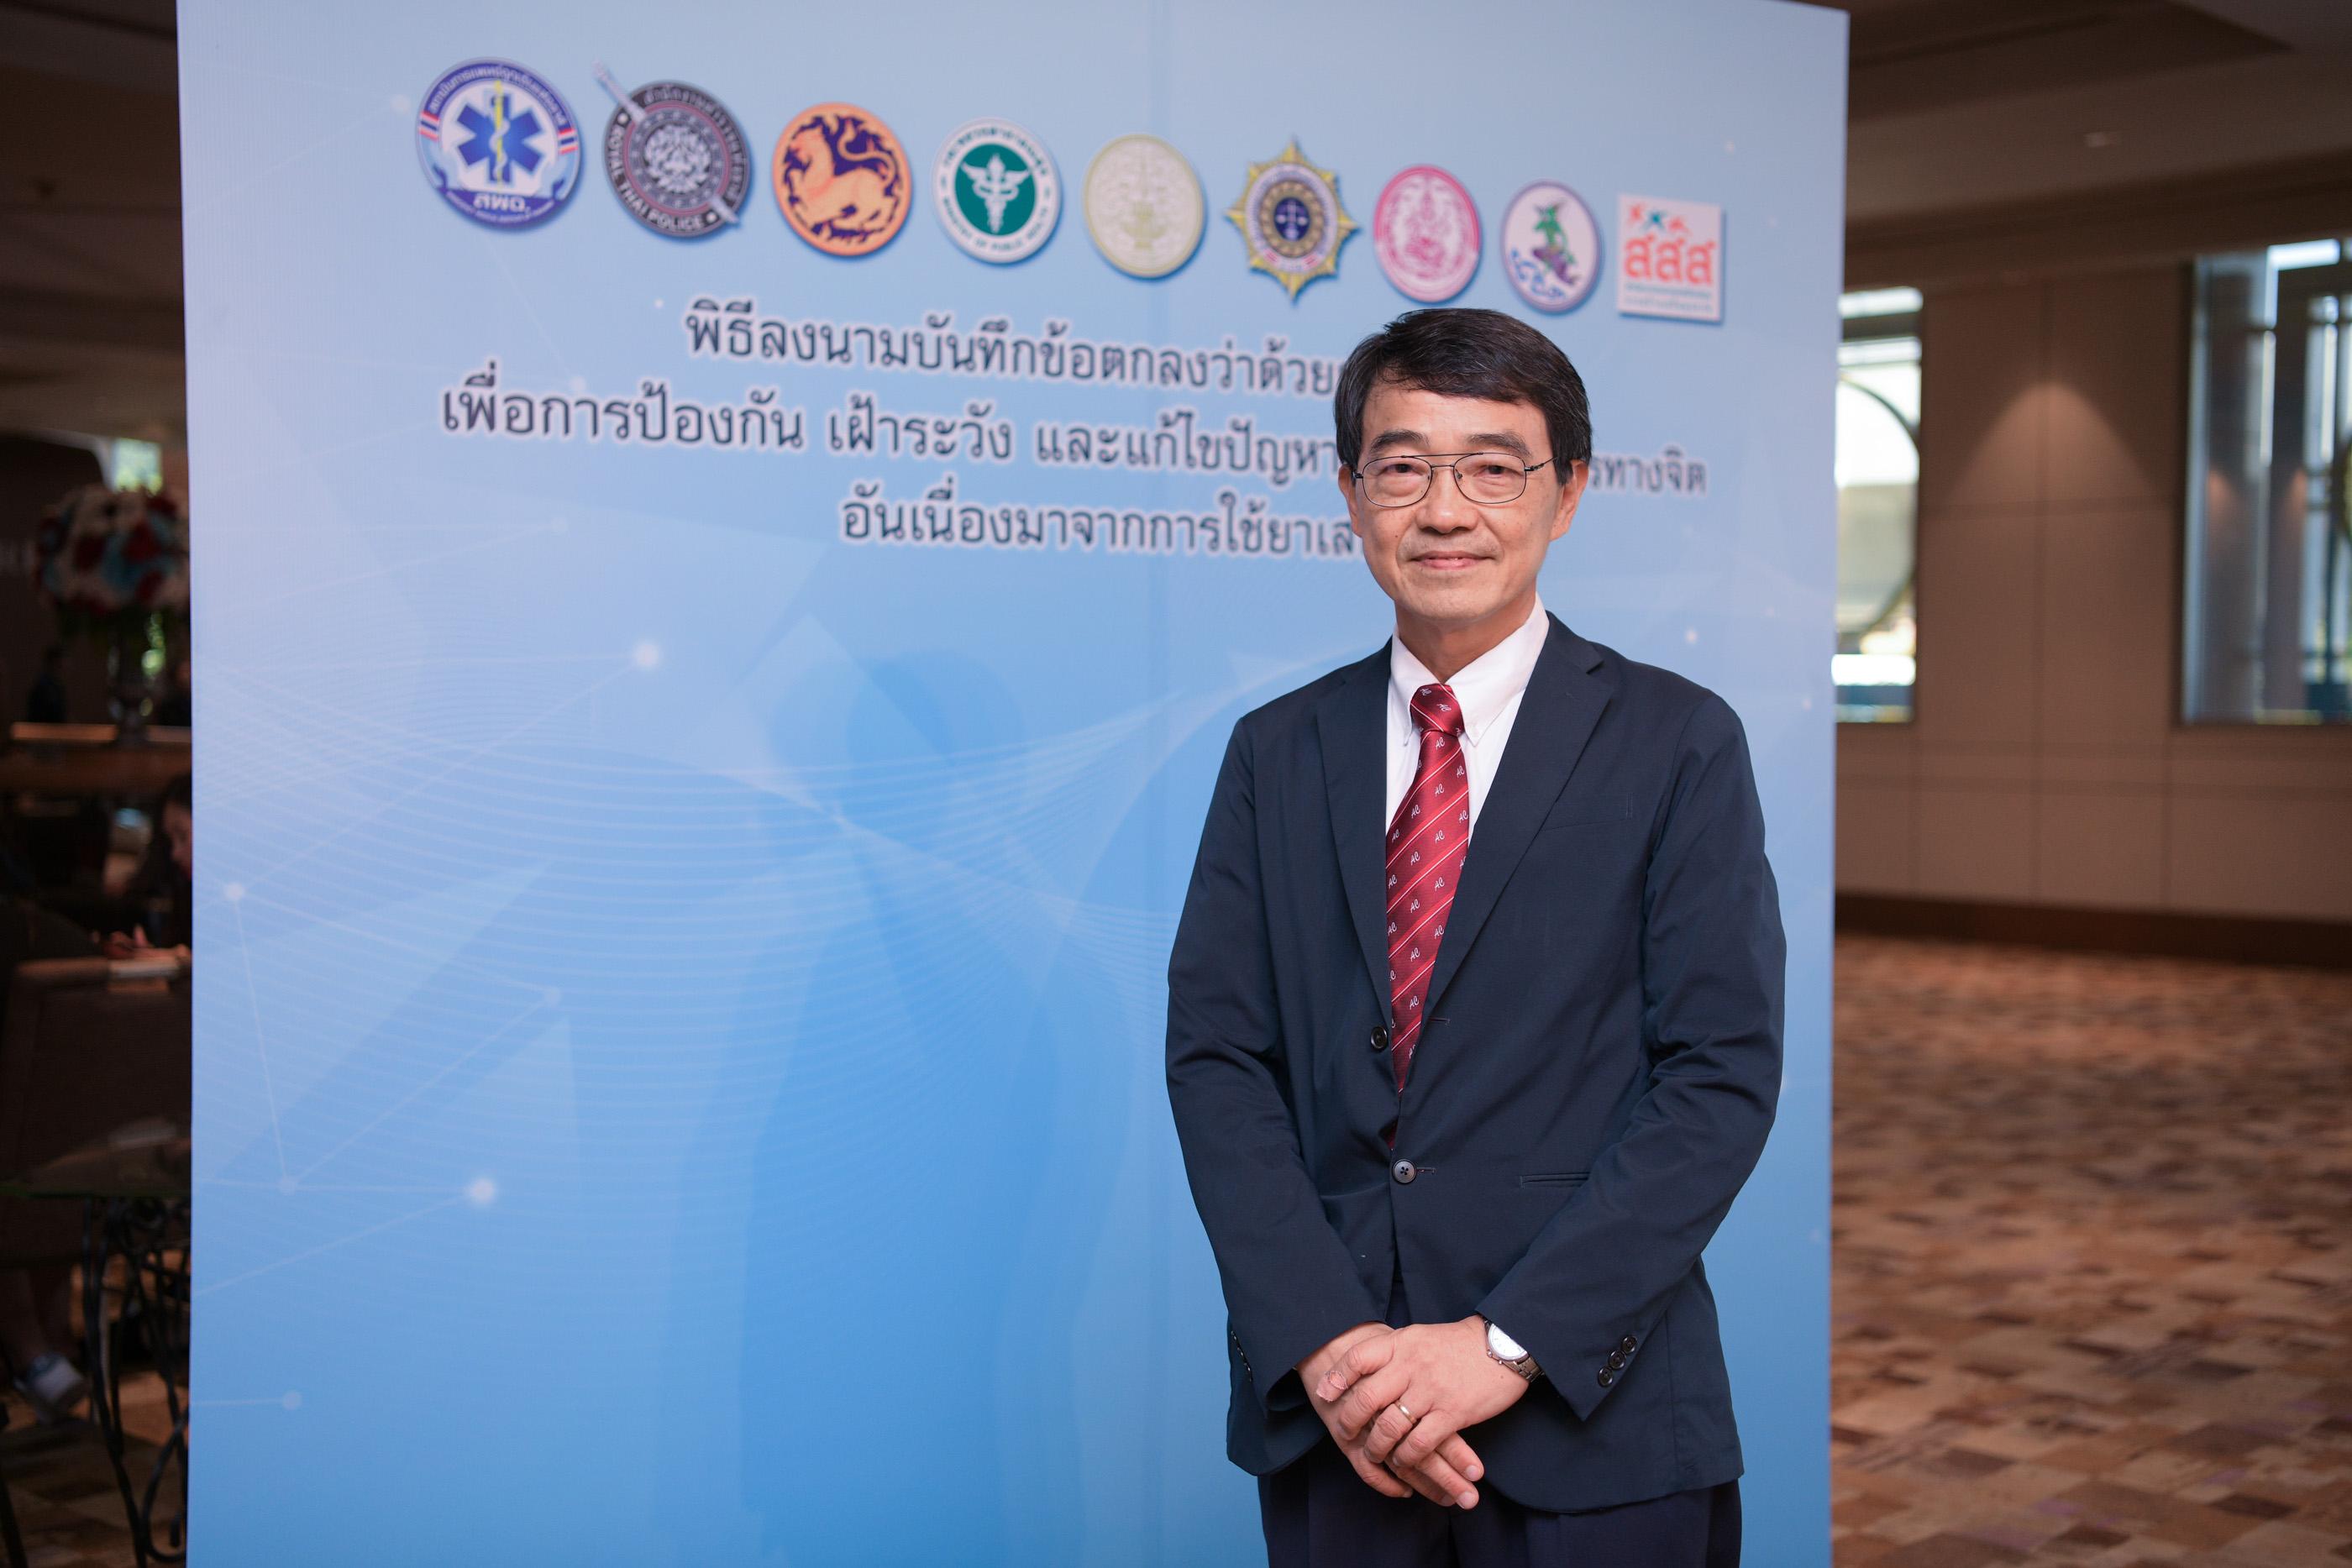 15 หน่วยงานเฝ้าระวังอาการทางจิตจากยาเสพติด thaihealth